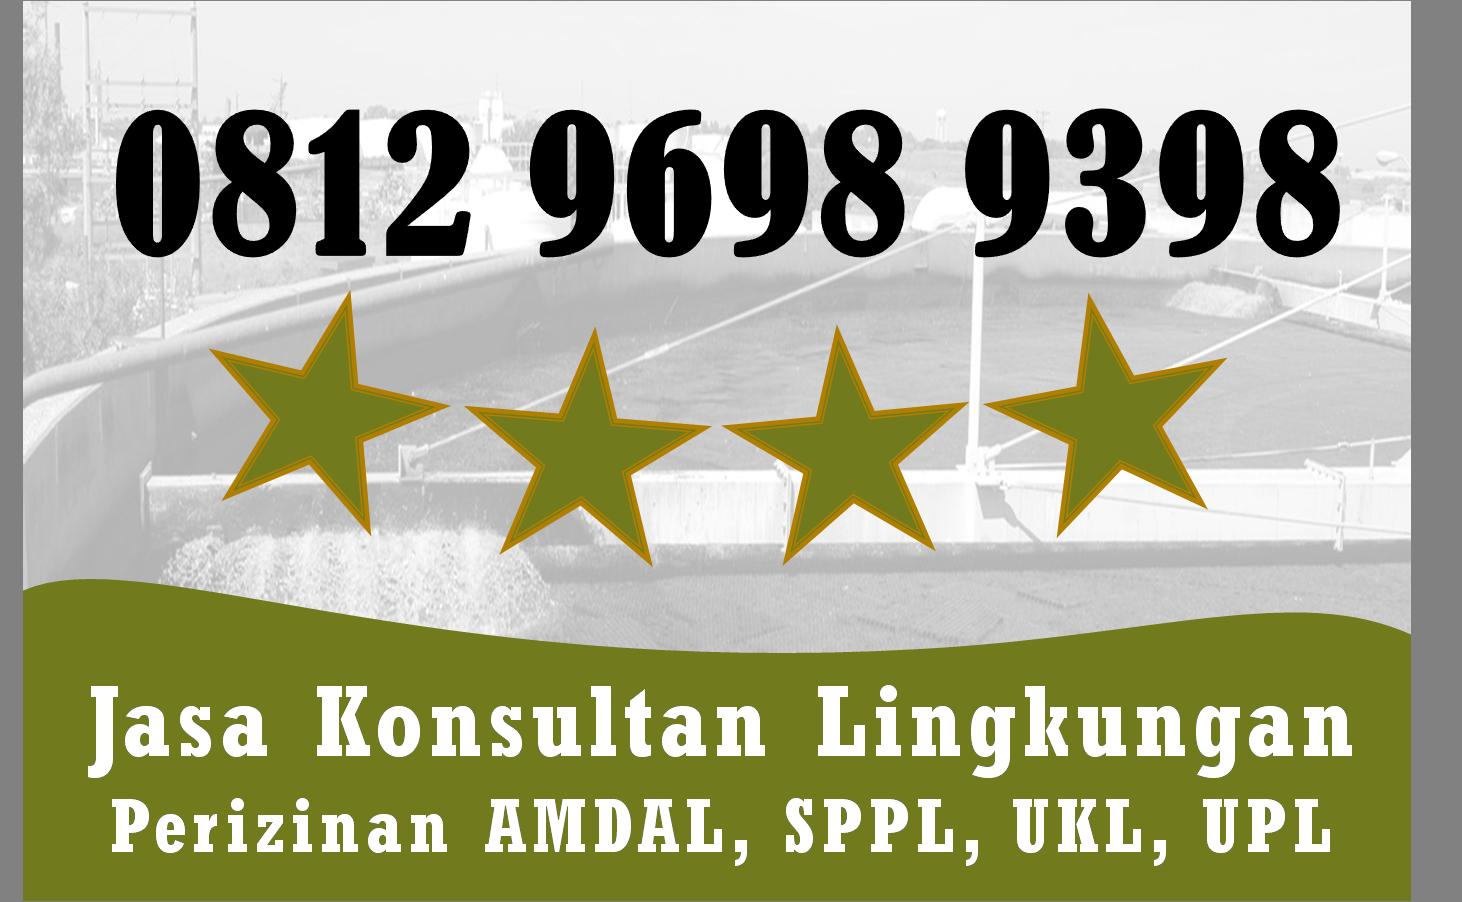 Kontak Kami Telp Wa 0812 9698 9398 Konsultan Andalalin Kota Bitung Sulawesi Utara Kendaraan Kota Kota Manado Kota Balikpapan